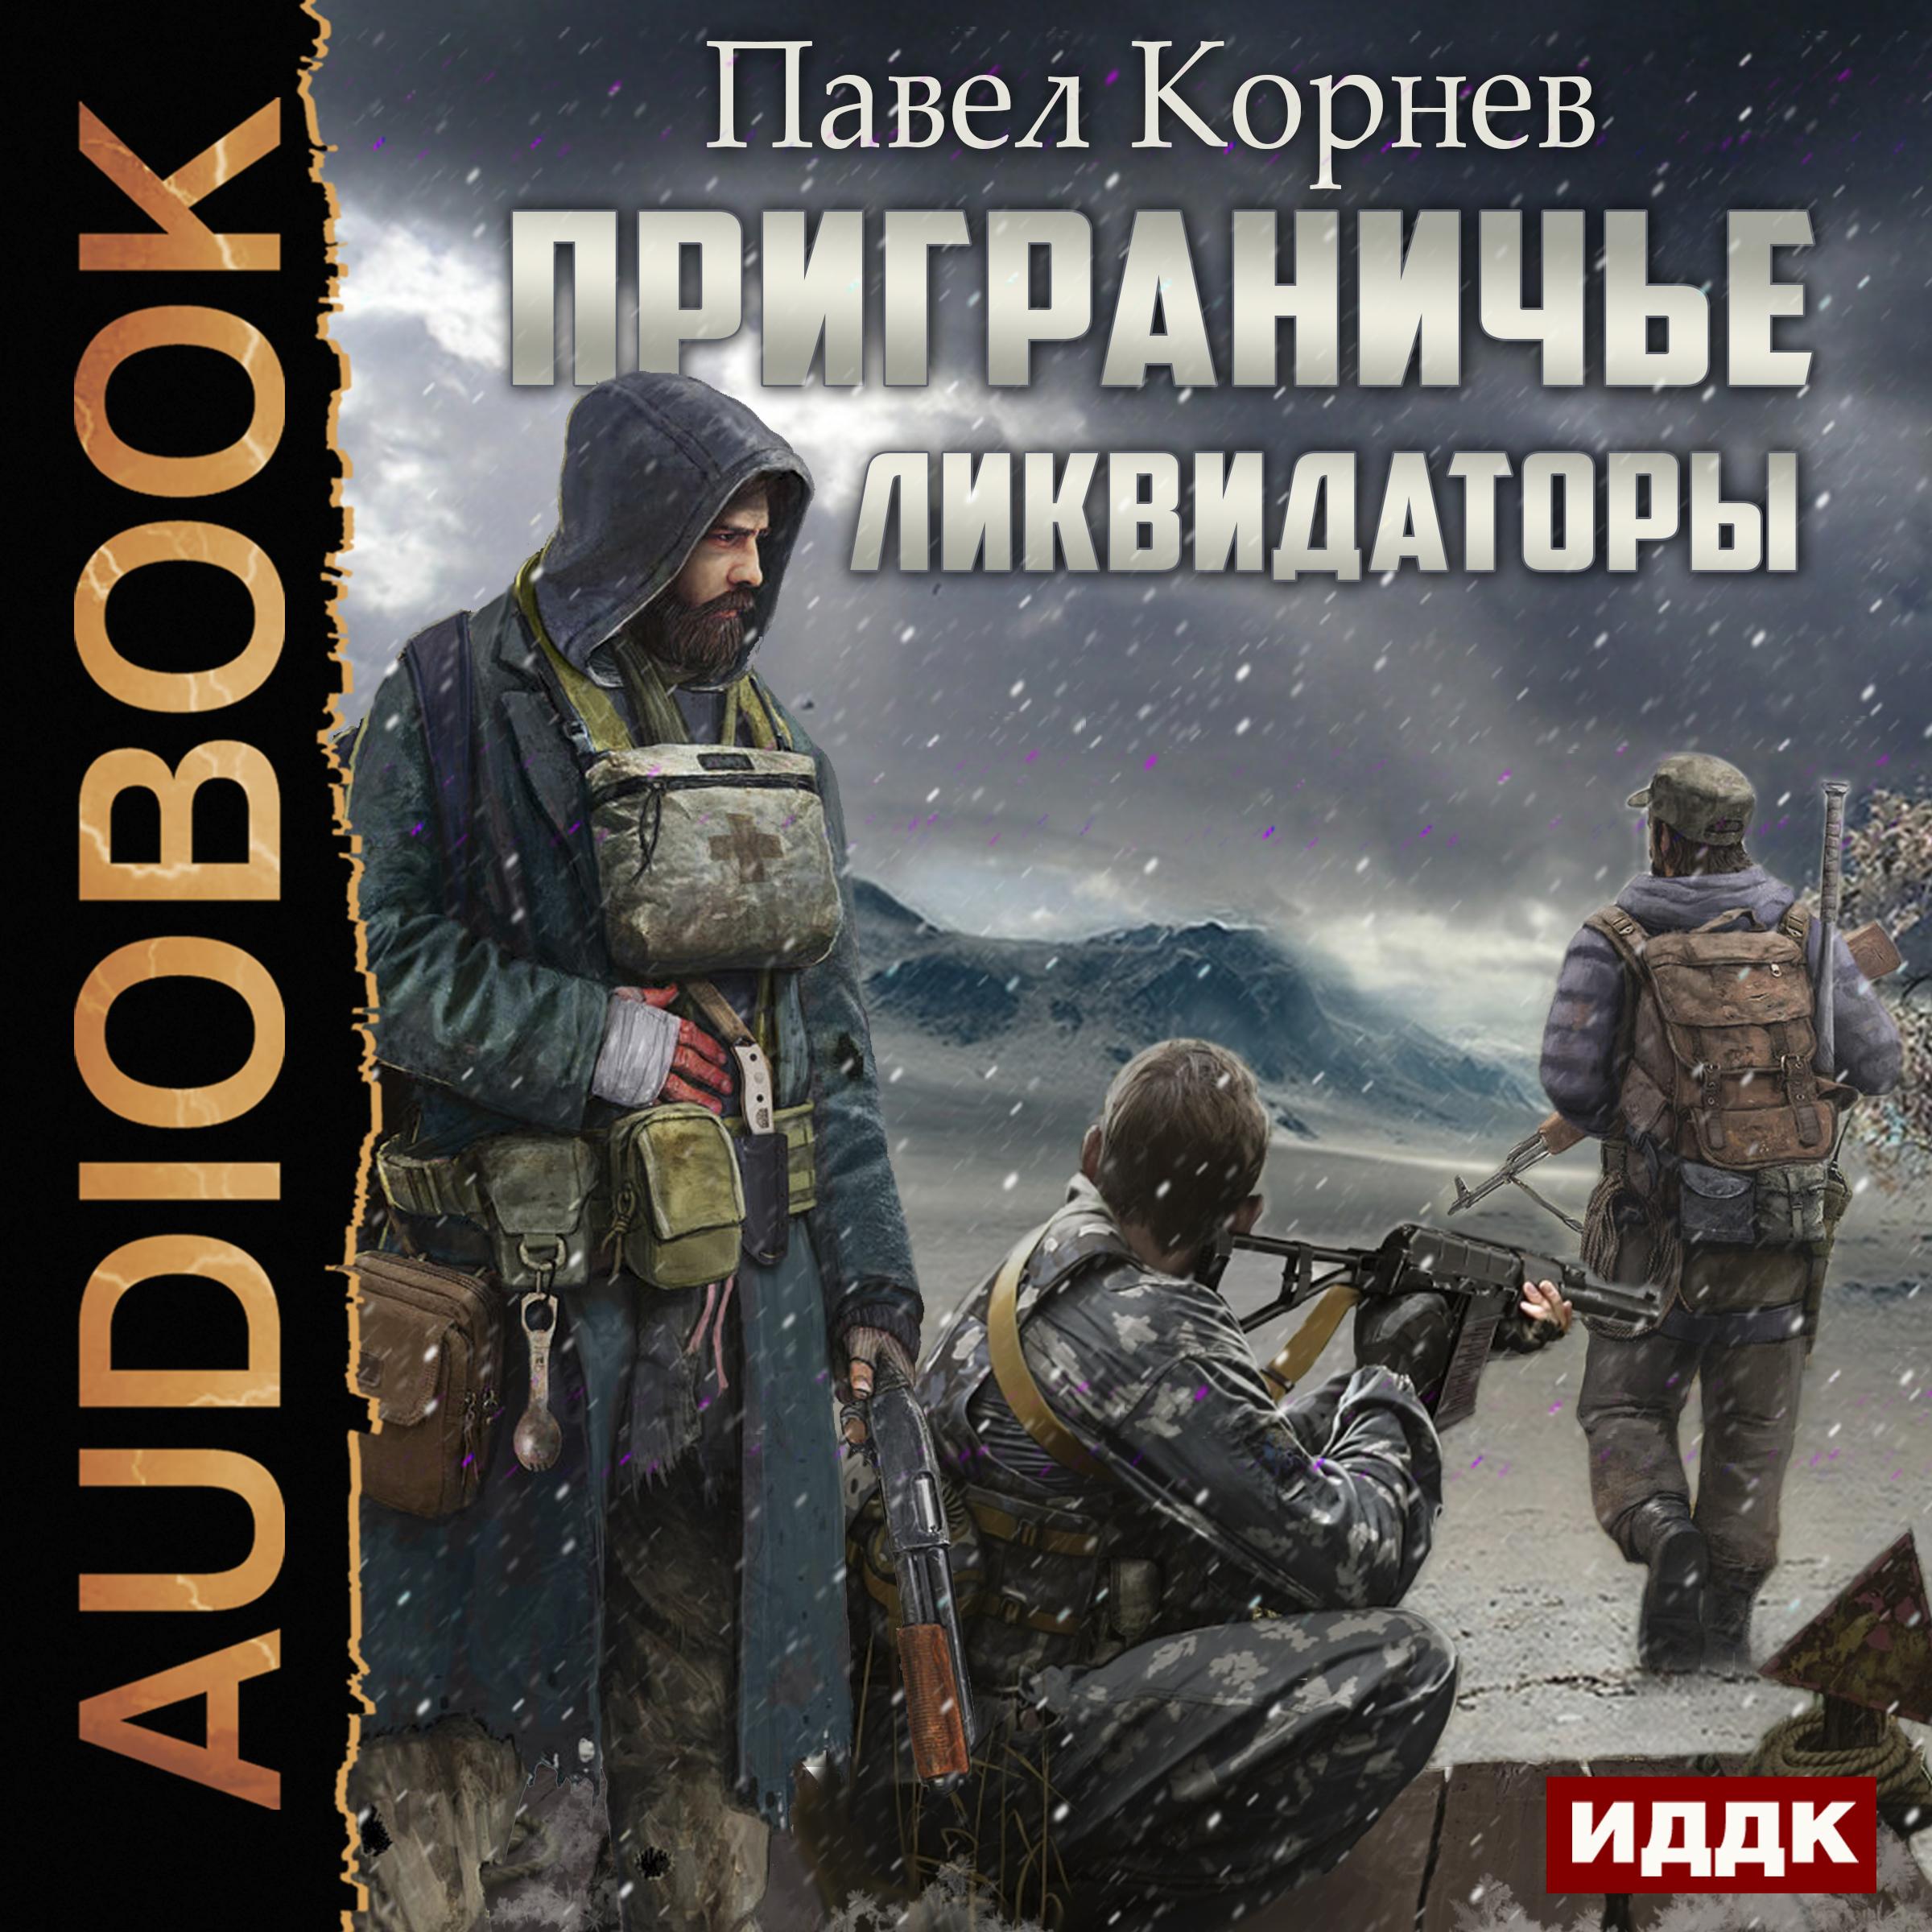 Павел Корнев Ликвидаторы корнев павел приграничье немного огня цифровая версия